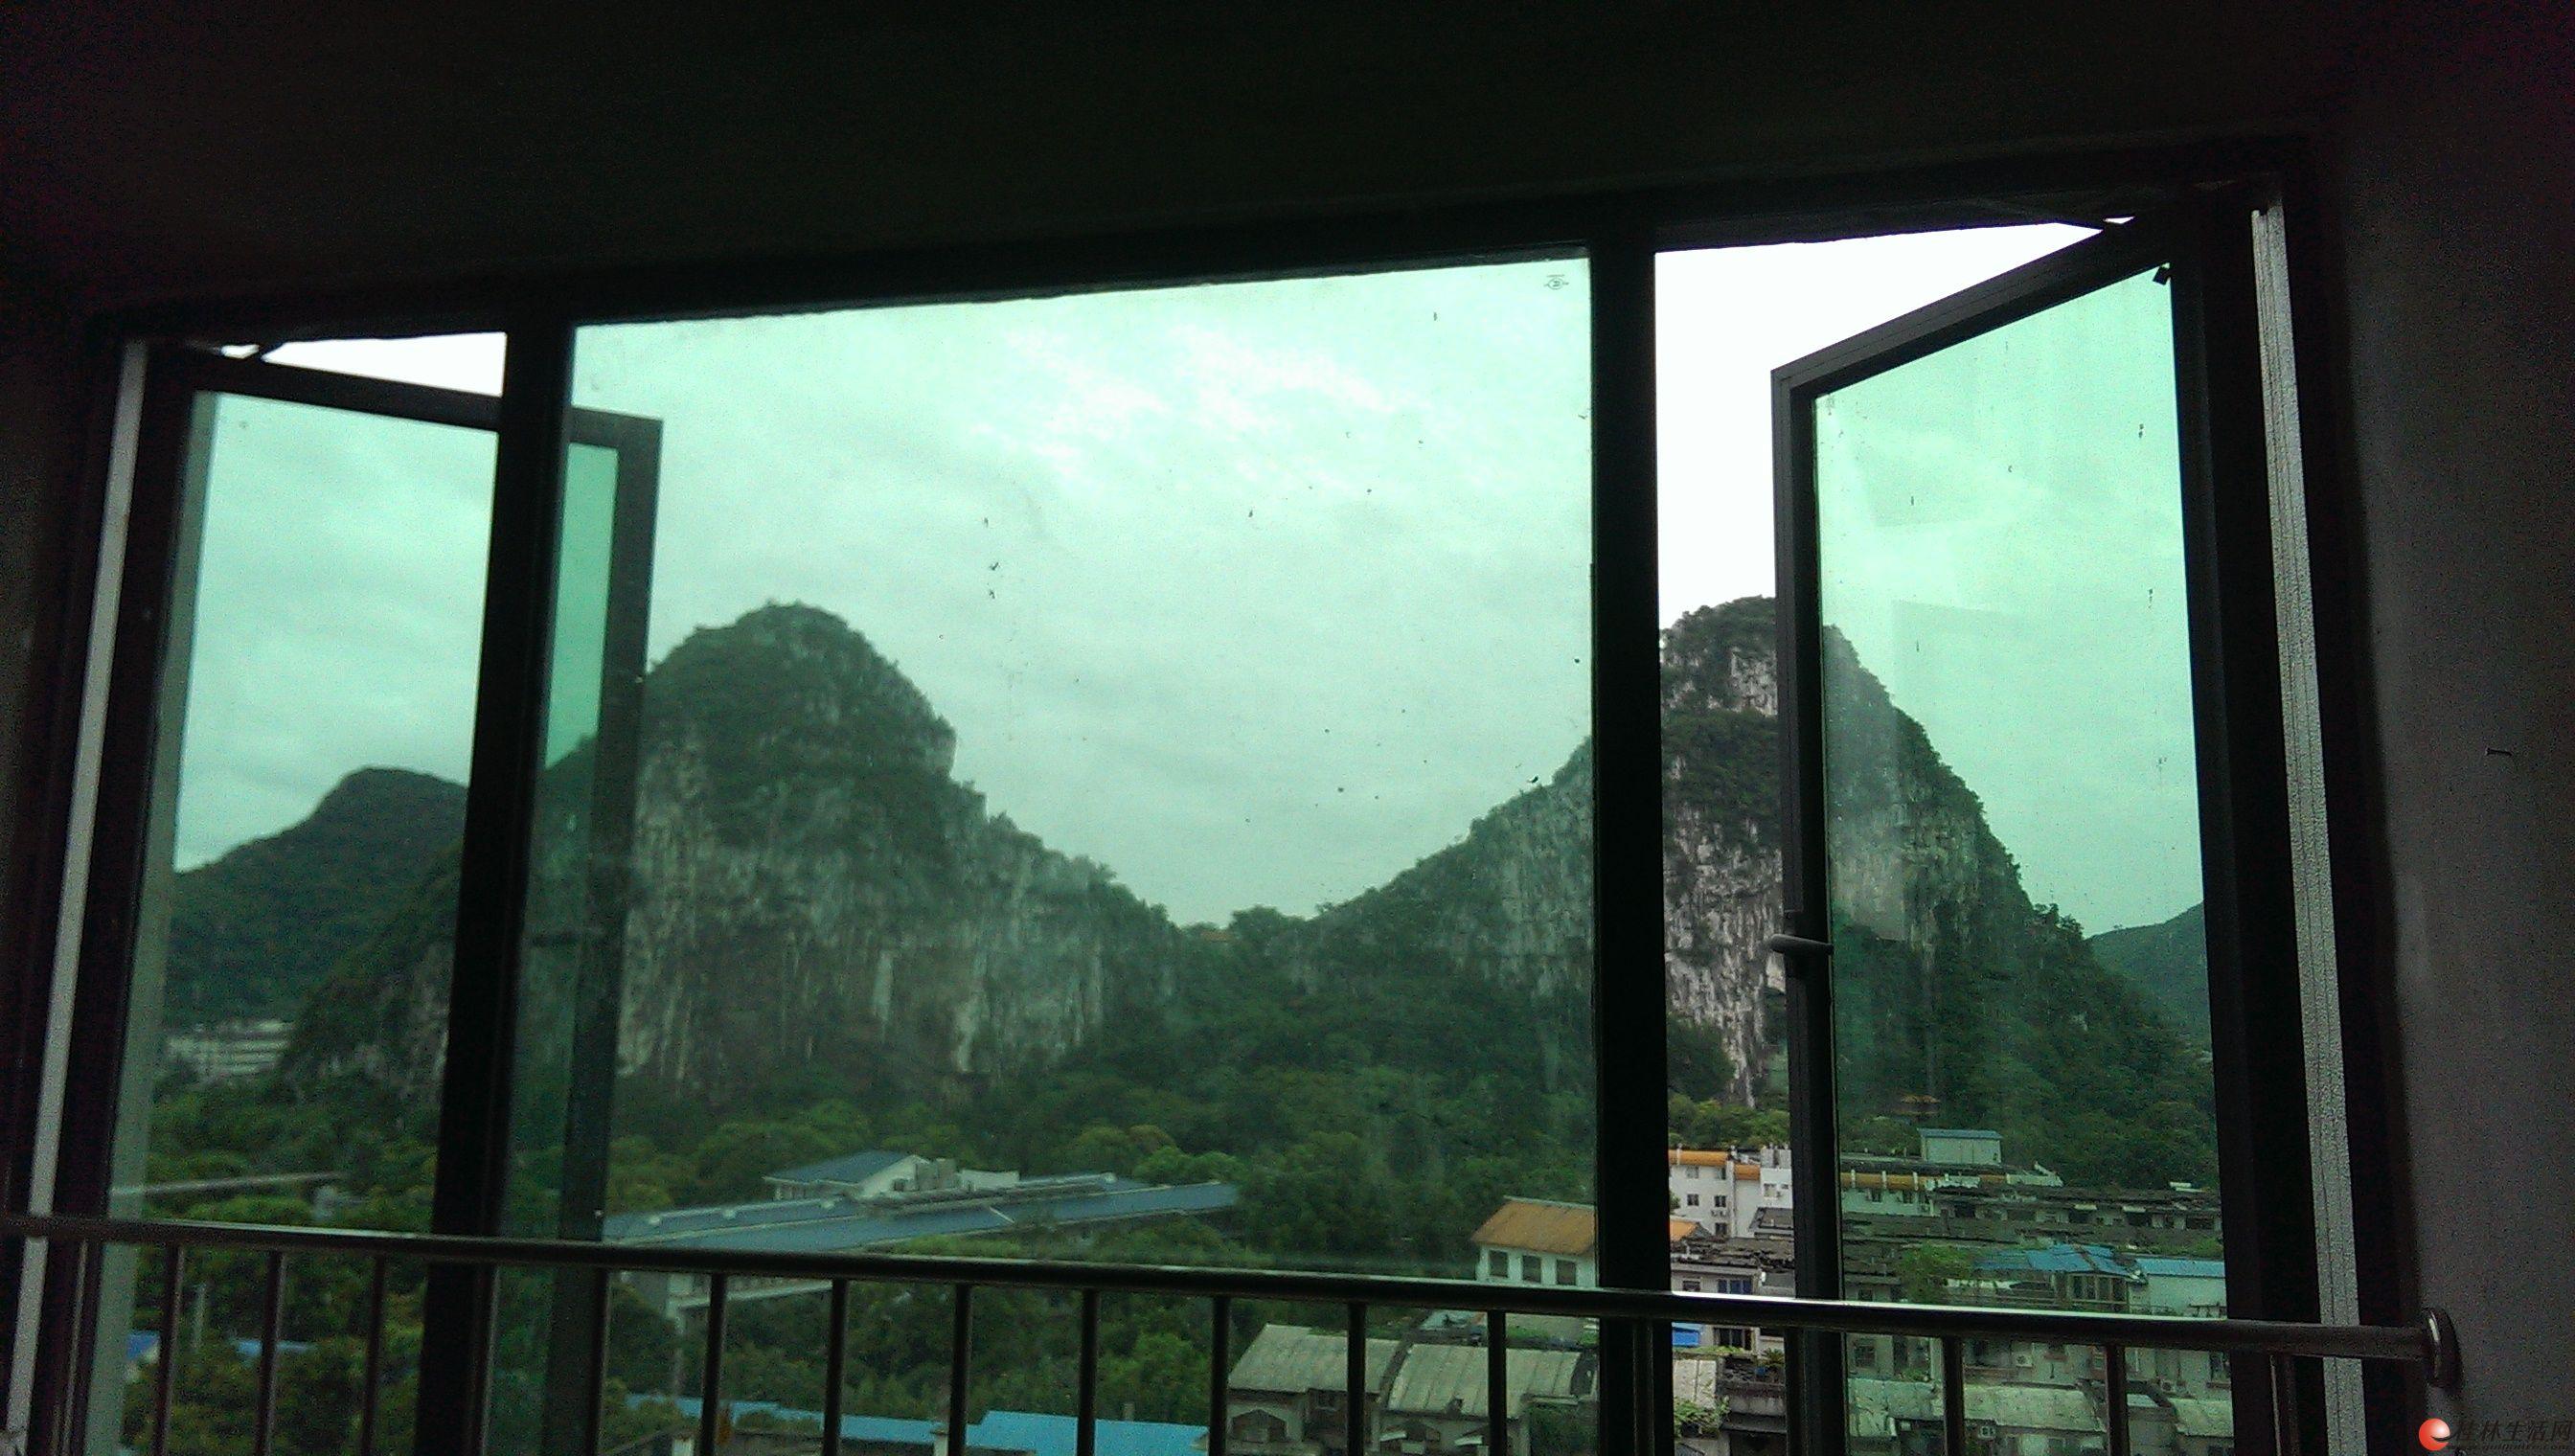 桂林市中心地段-百年荟城市广场2室2厅1卫清水房出租(非中介)